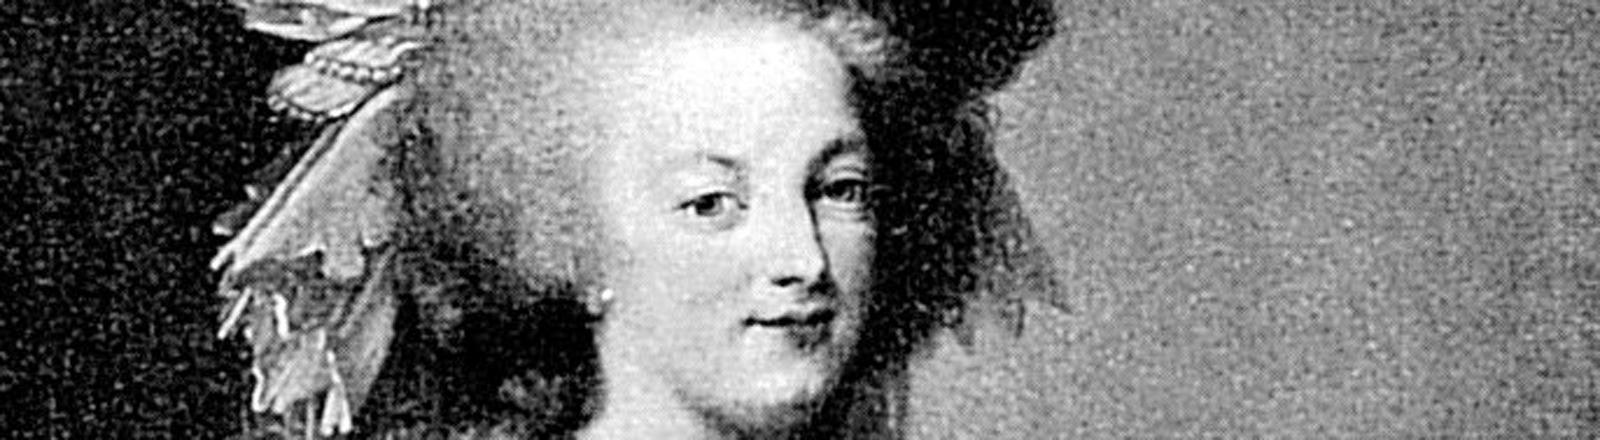 Zeitgenössisches Porträt der französischen Königin Marie Antoinette (1755-1793).